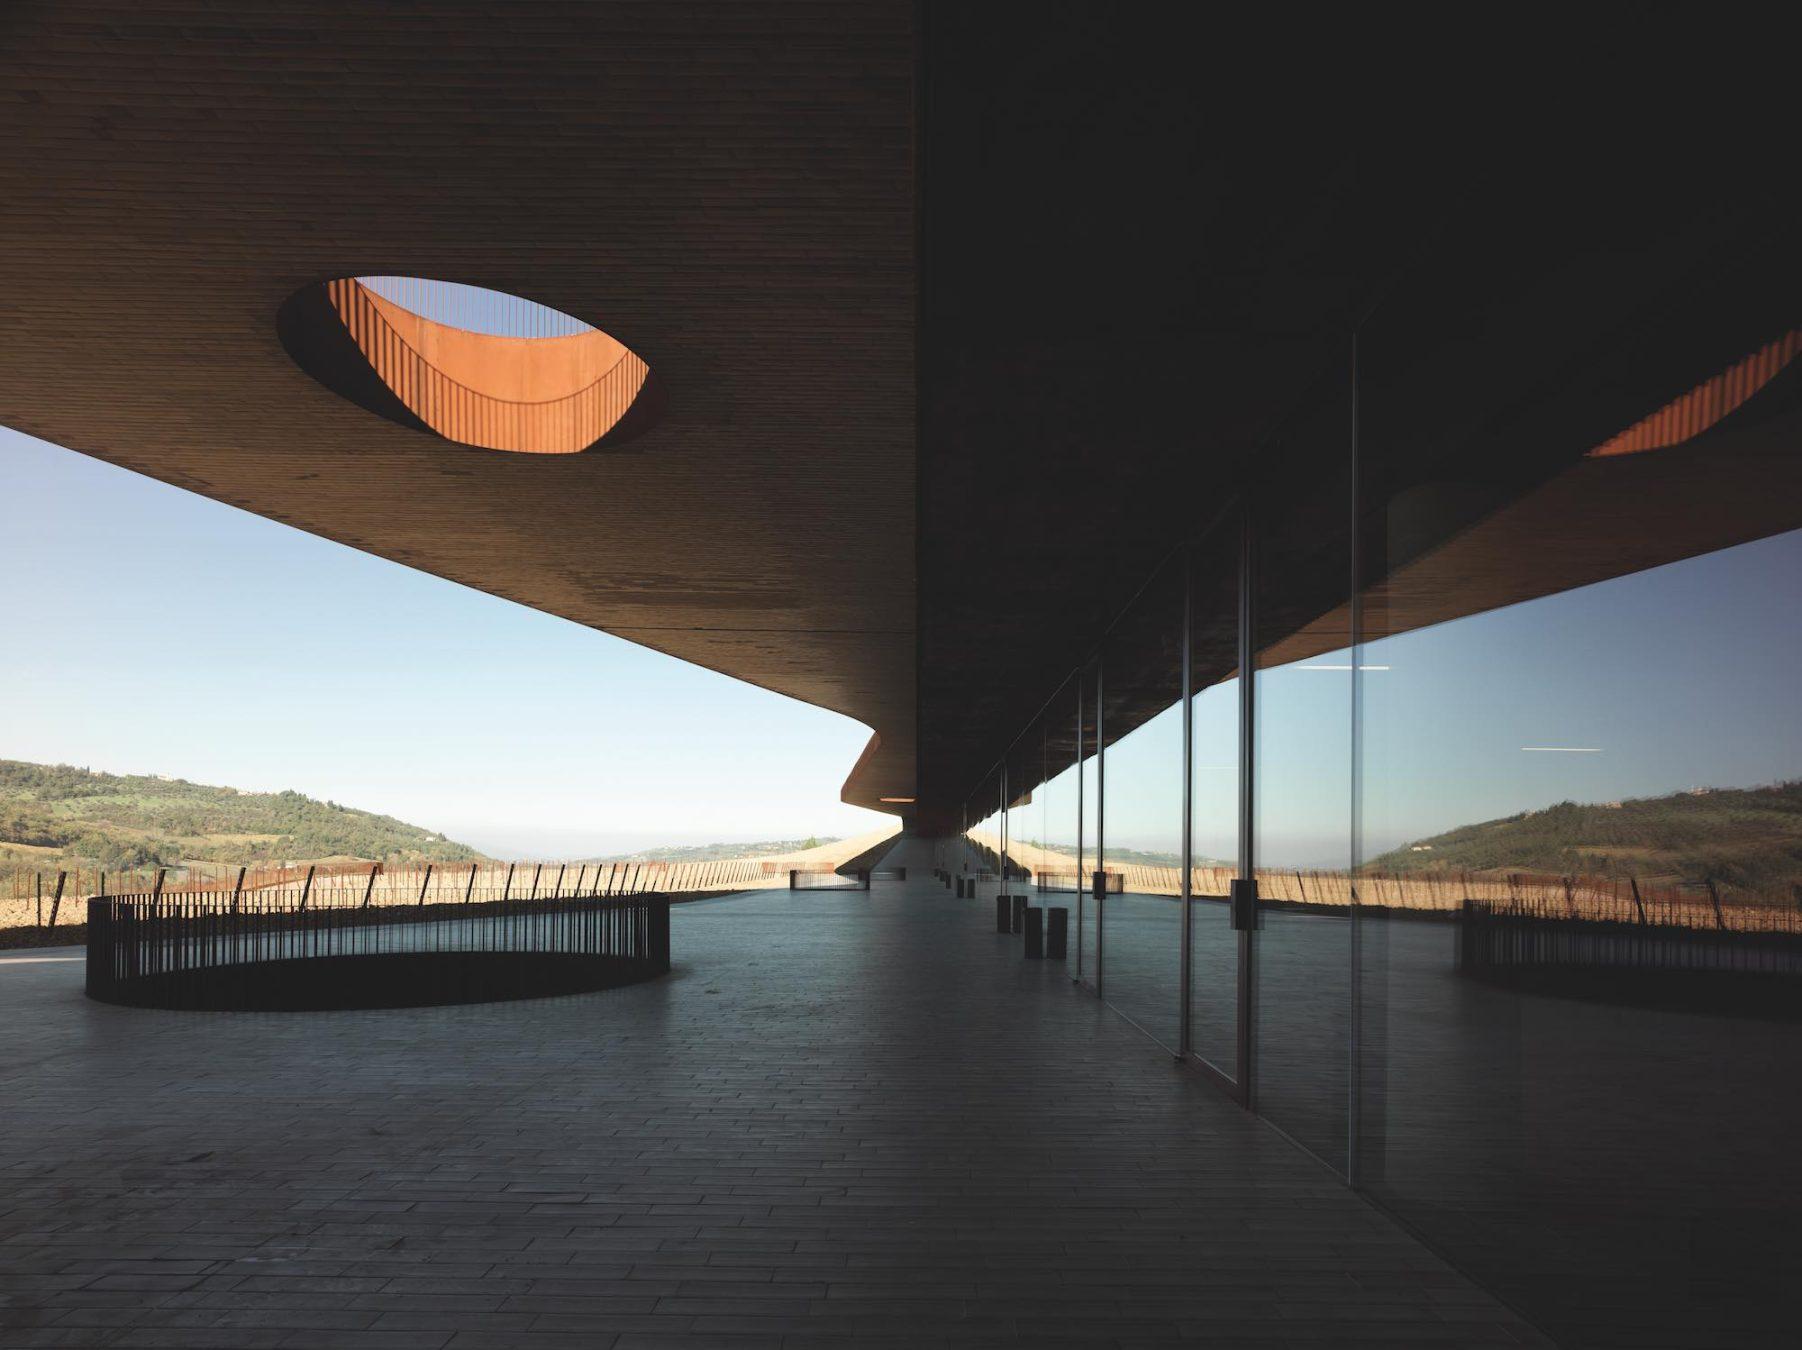 Le Cantine Antinori progettato dall'Architetto Marco Casamonti dello Studio Archea